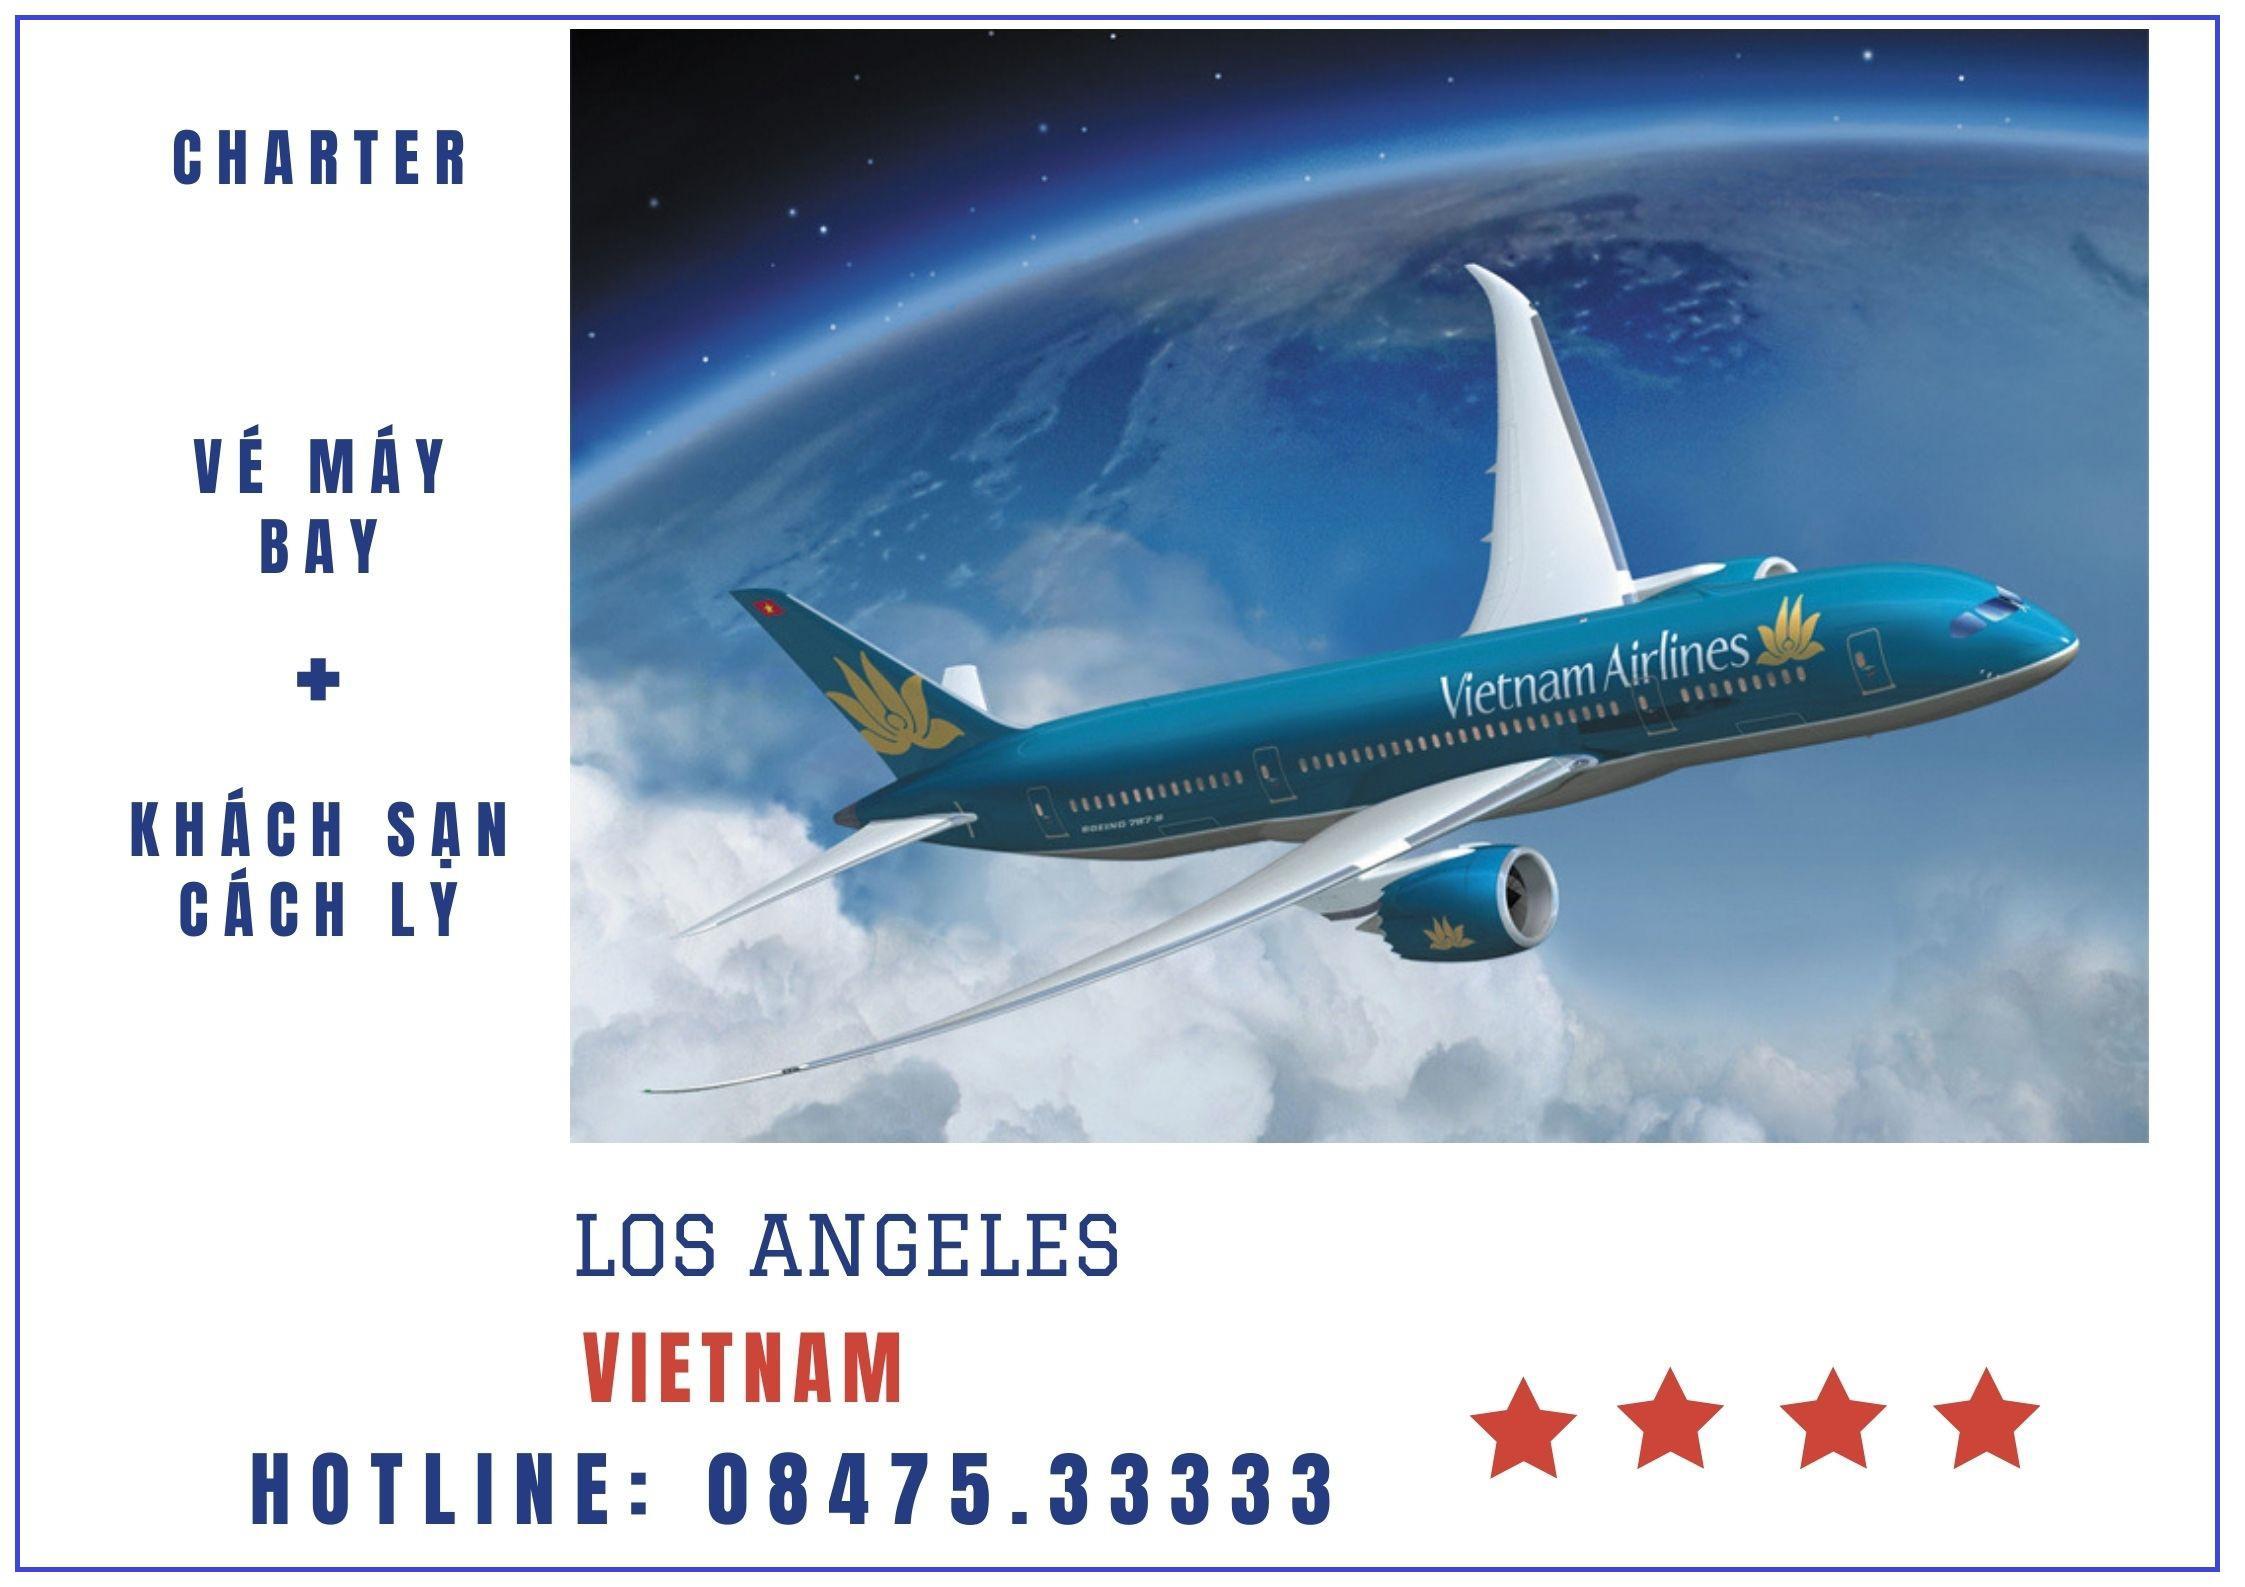 Trọn gói charter + Khách sạn cách ly từ Los Angeles về Cam Ranh